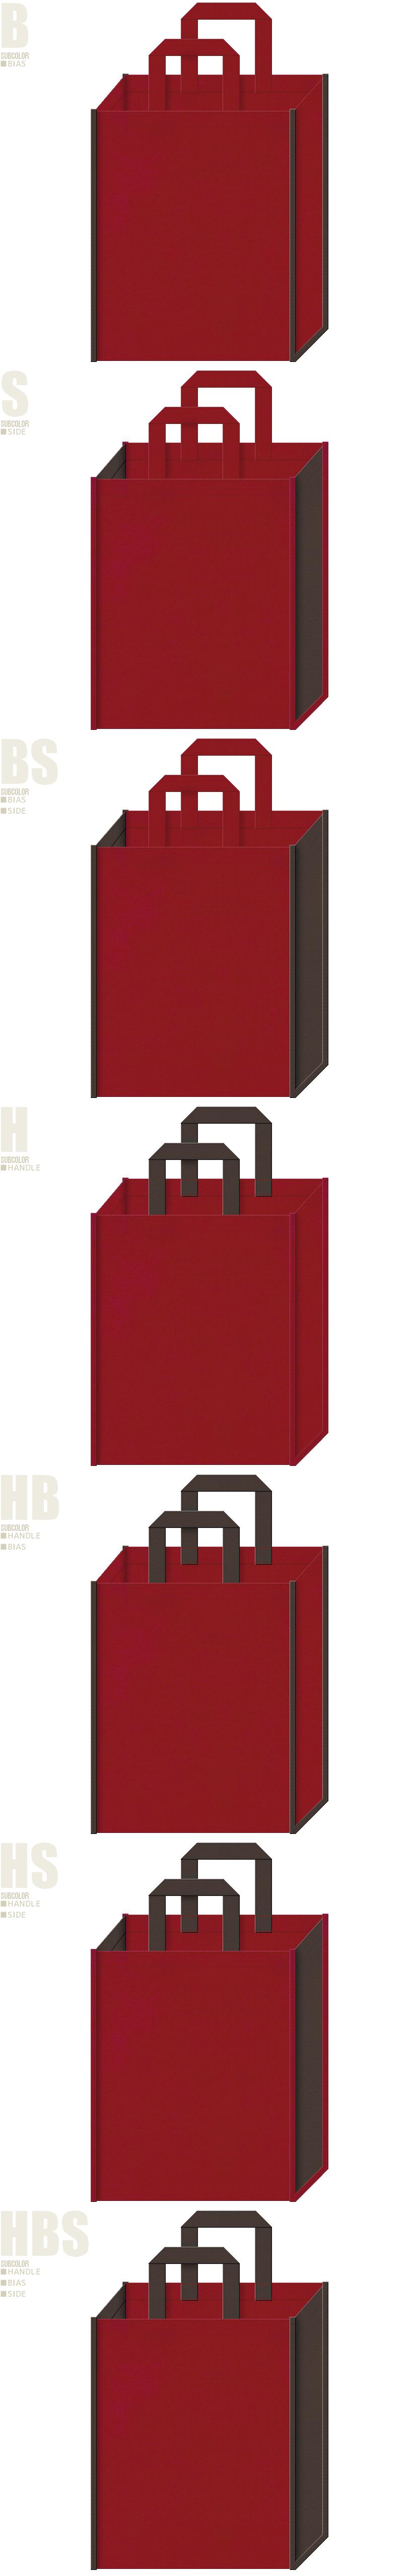 エンジ色とこげ茶色、7パターンの不織布トートバッグ配色デザイン例。和楽器の演奏会・クラッシックコンサート・舞踏会にお奨めです。